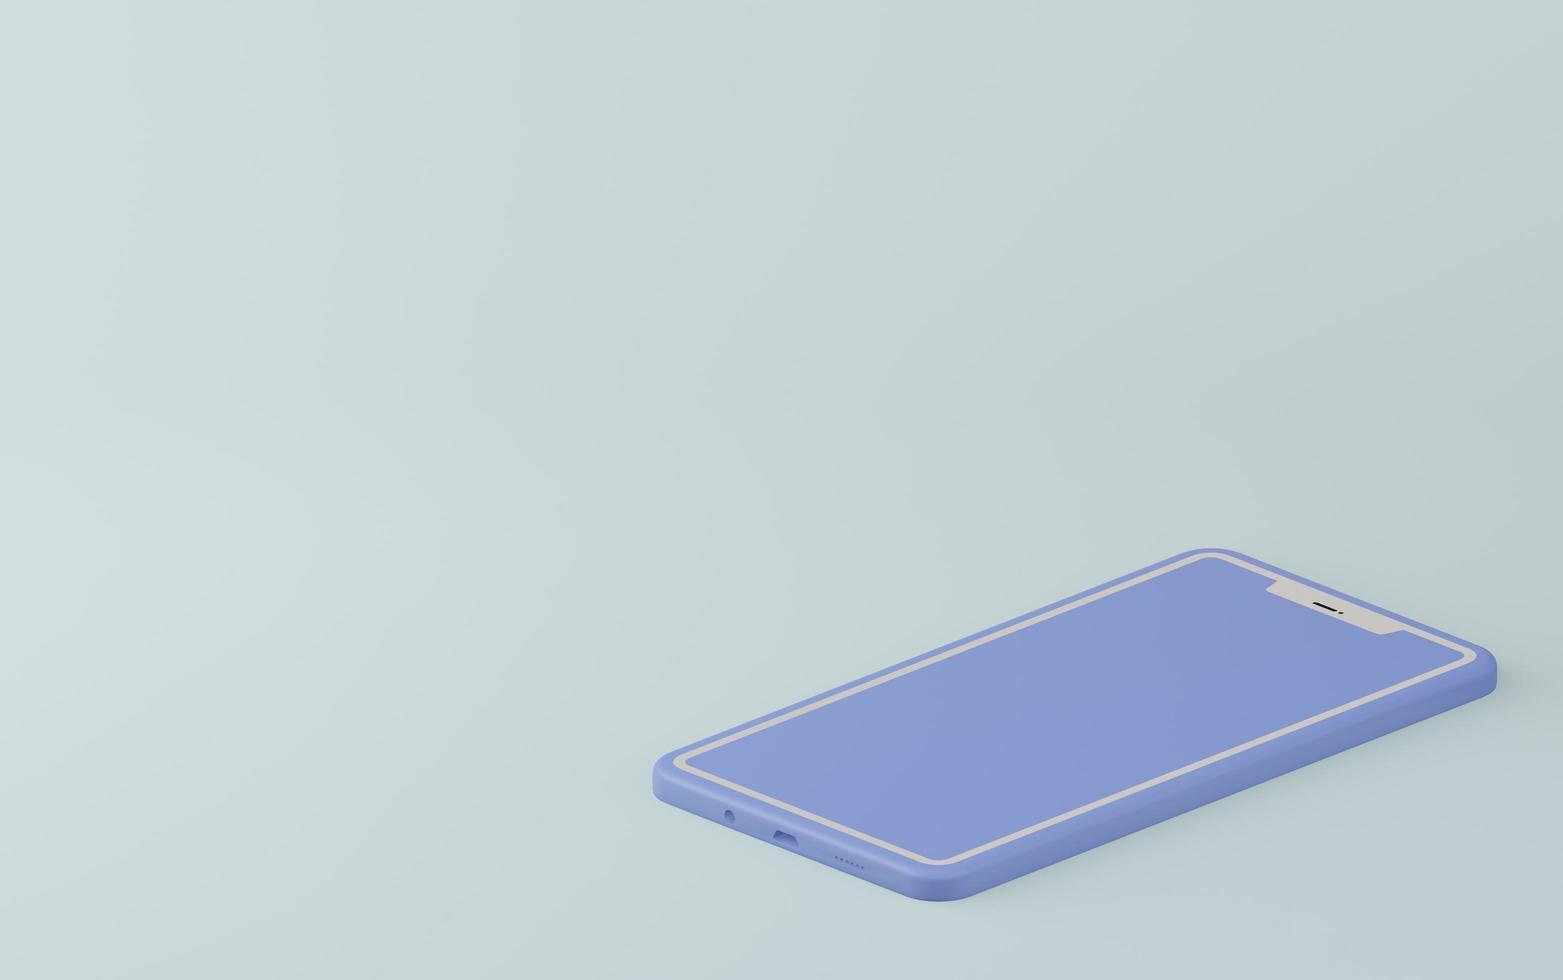 téléphone mobile monochrome bleu pastel photo